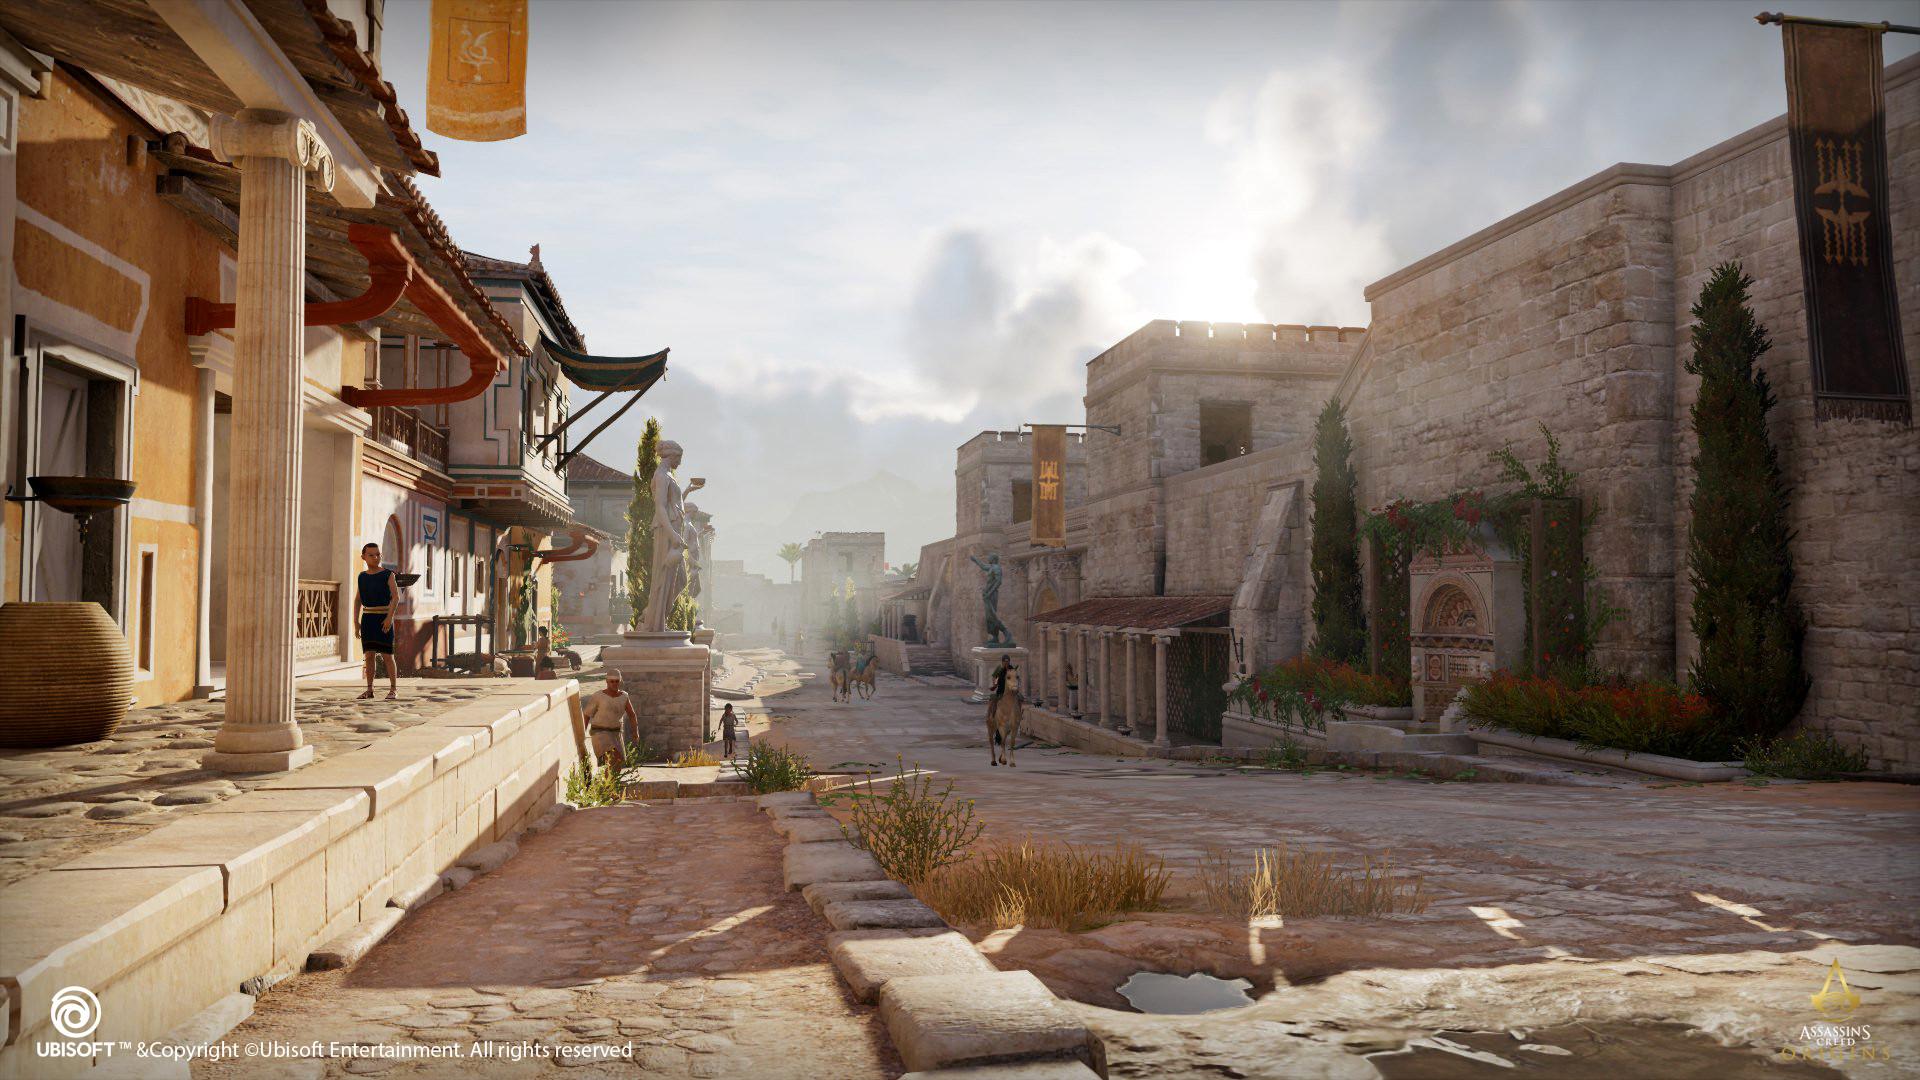 Assassins Creed Wallpaper Hd Artstation Environment Art Assassin S Creed Origins